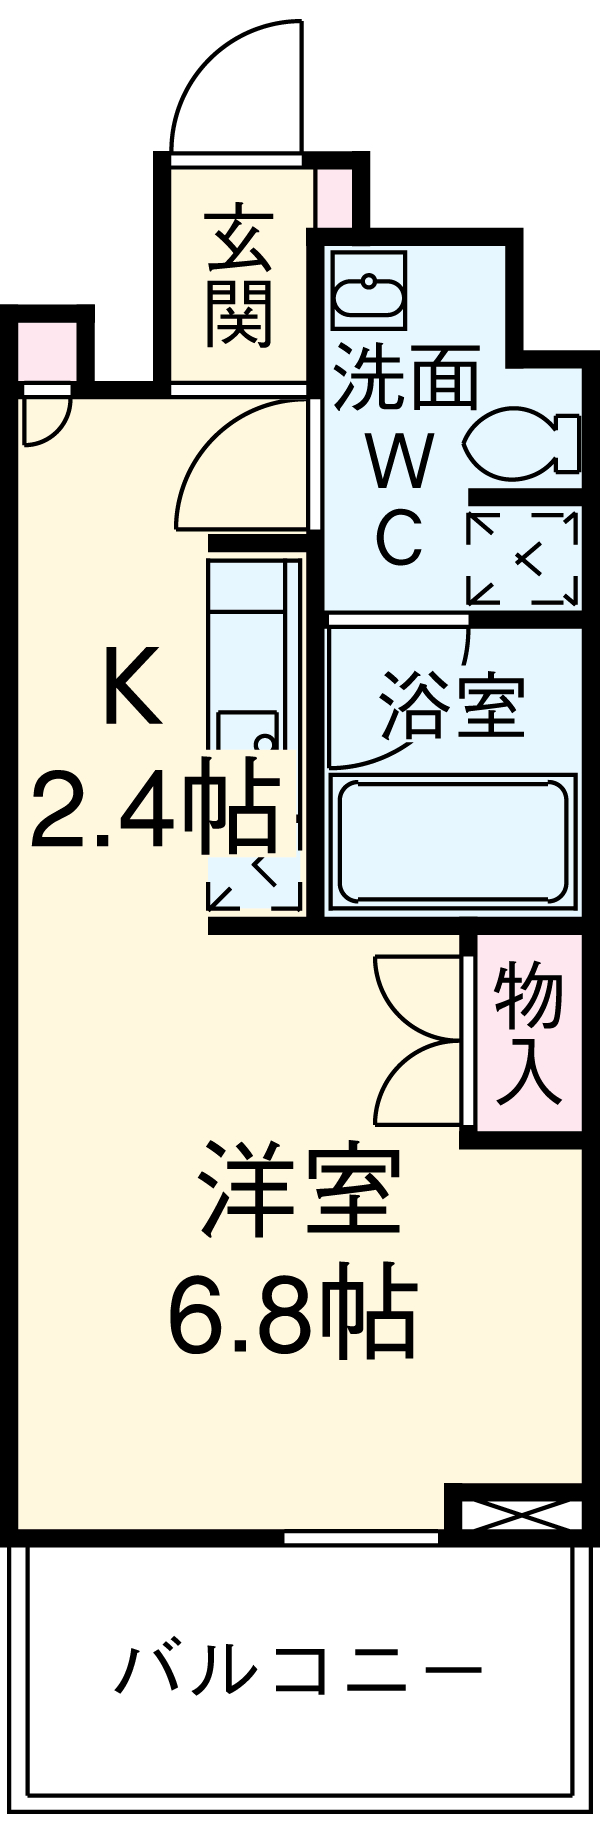 プロスペクトKALON三ノ輪・403号室の間取り